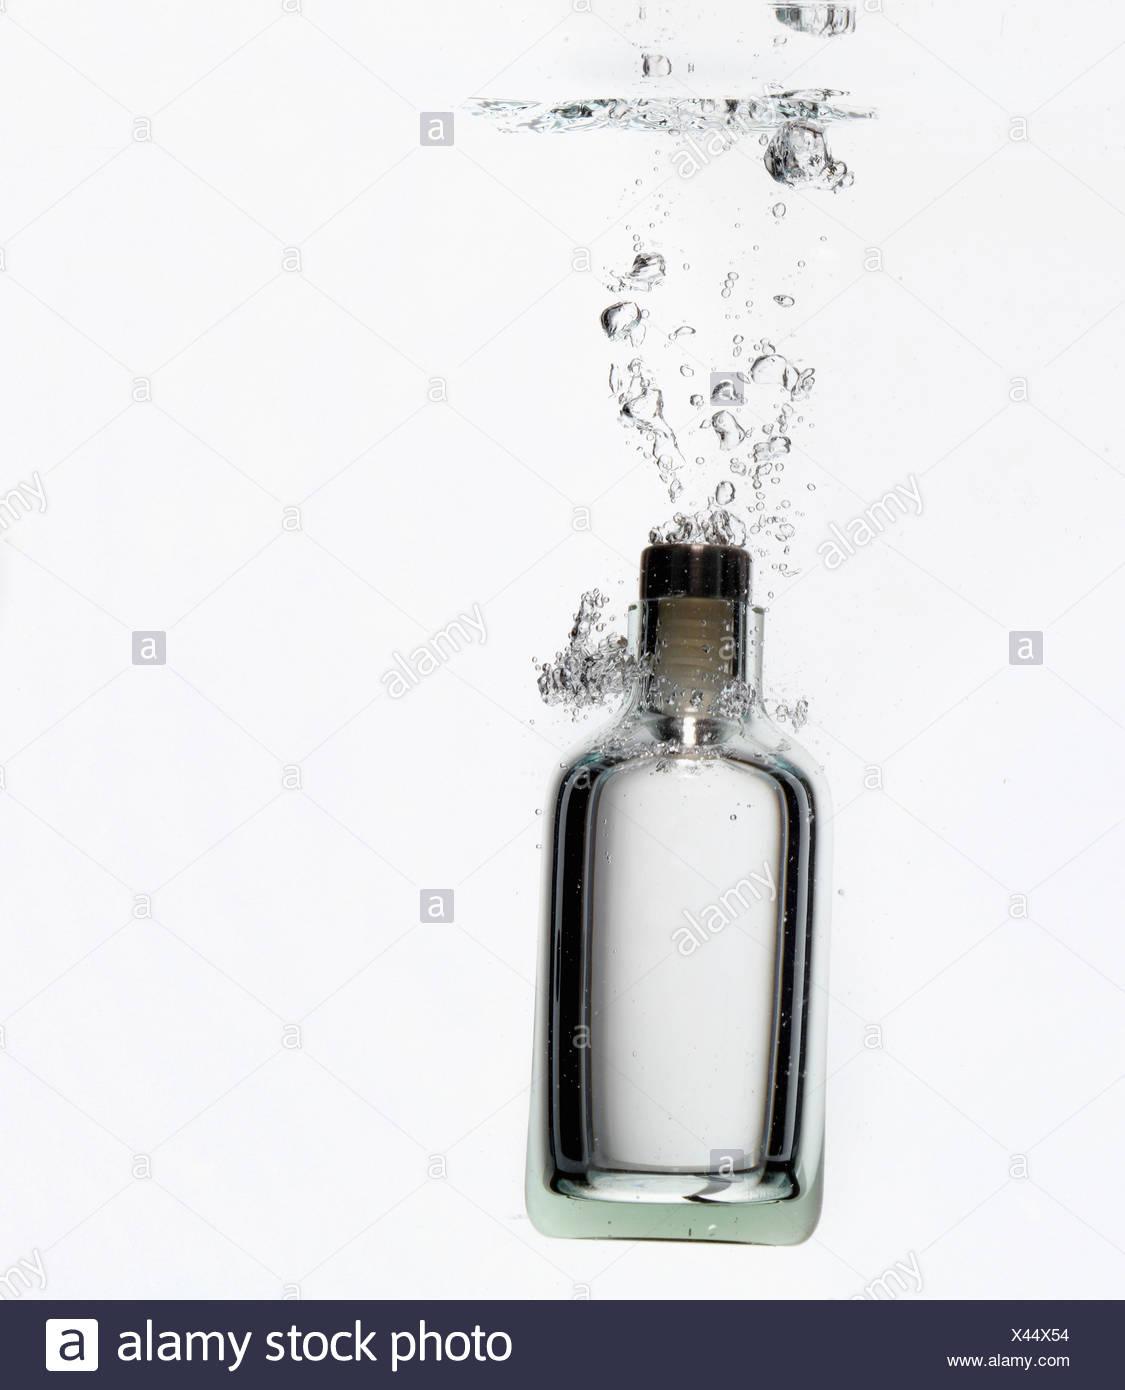 Bottle splashing in water - Stock Image